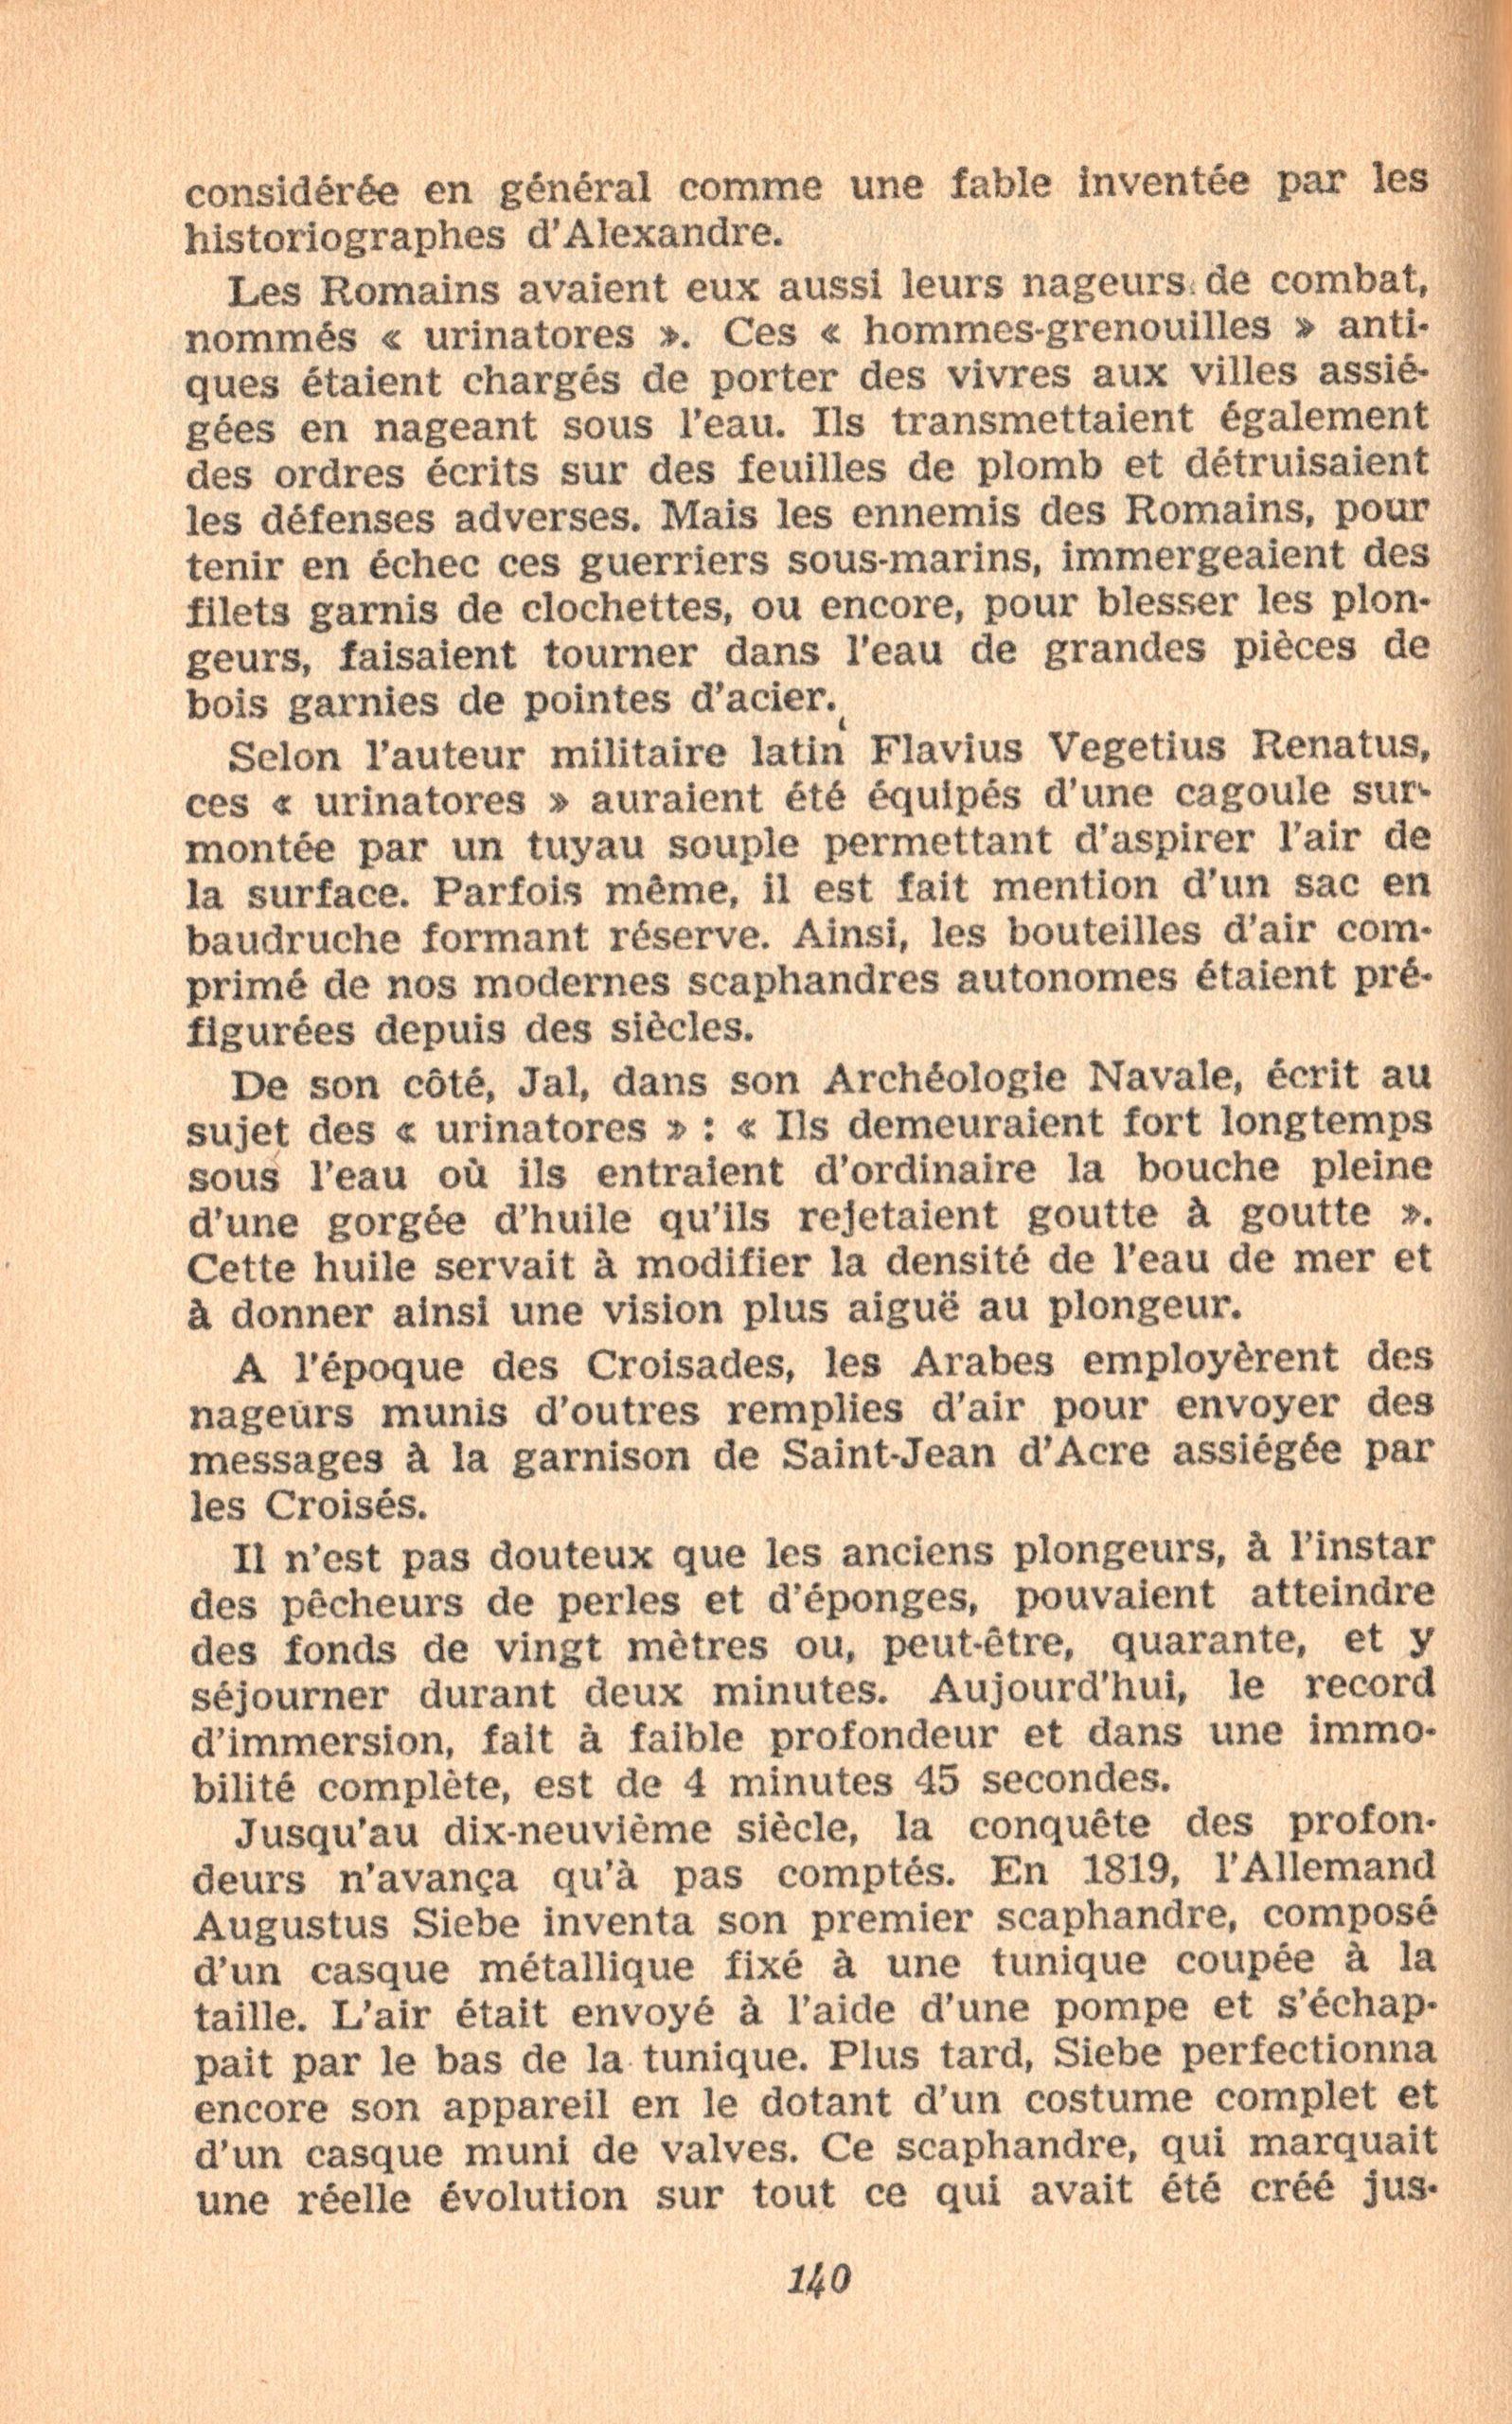 p140, La conquête des fonds sous-marins, marabout chercheur